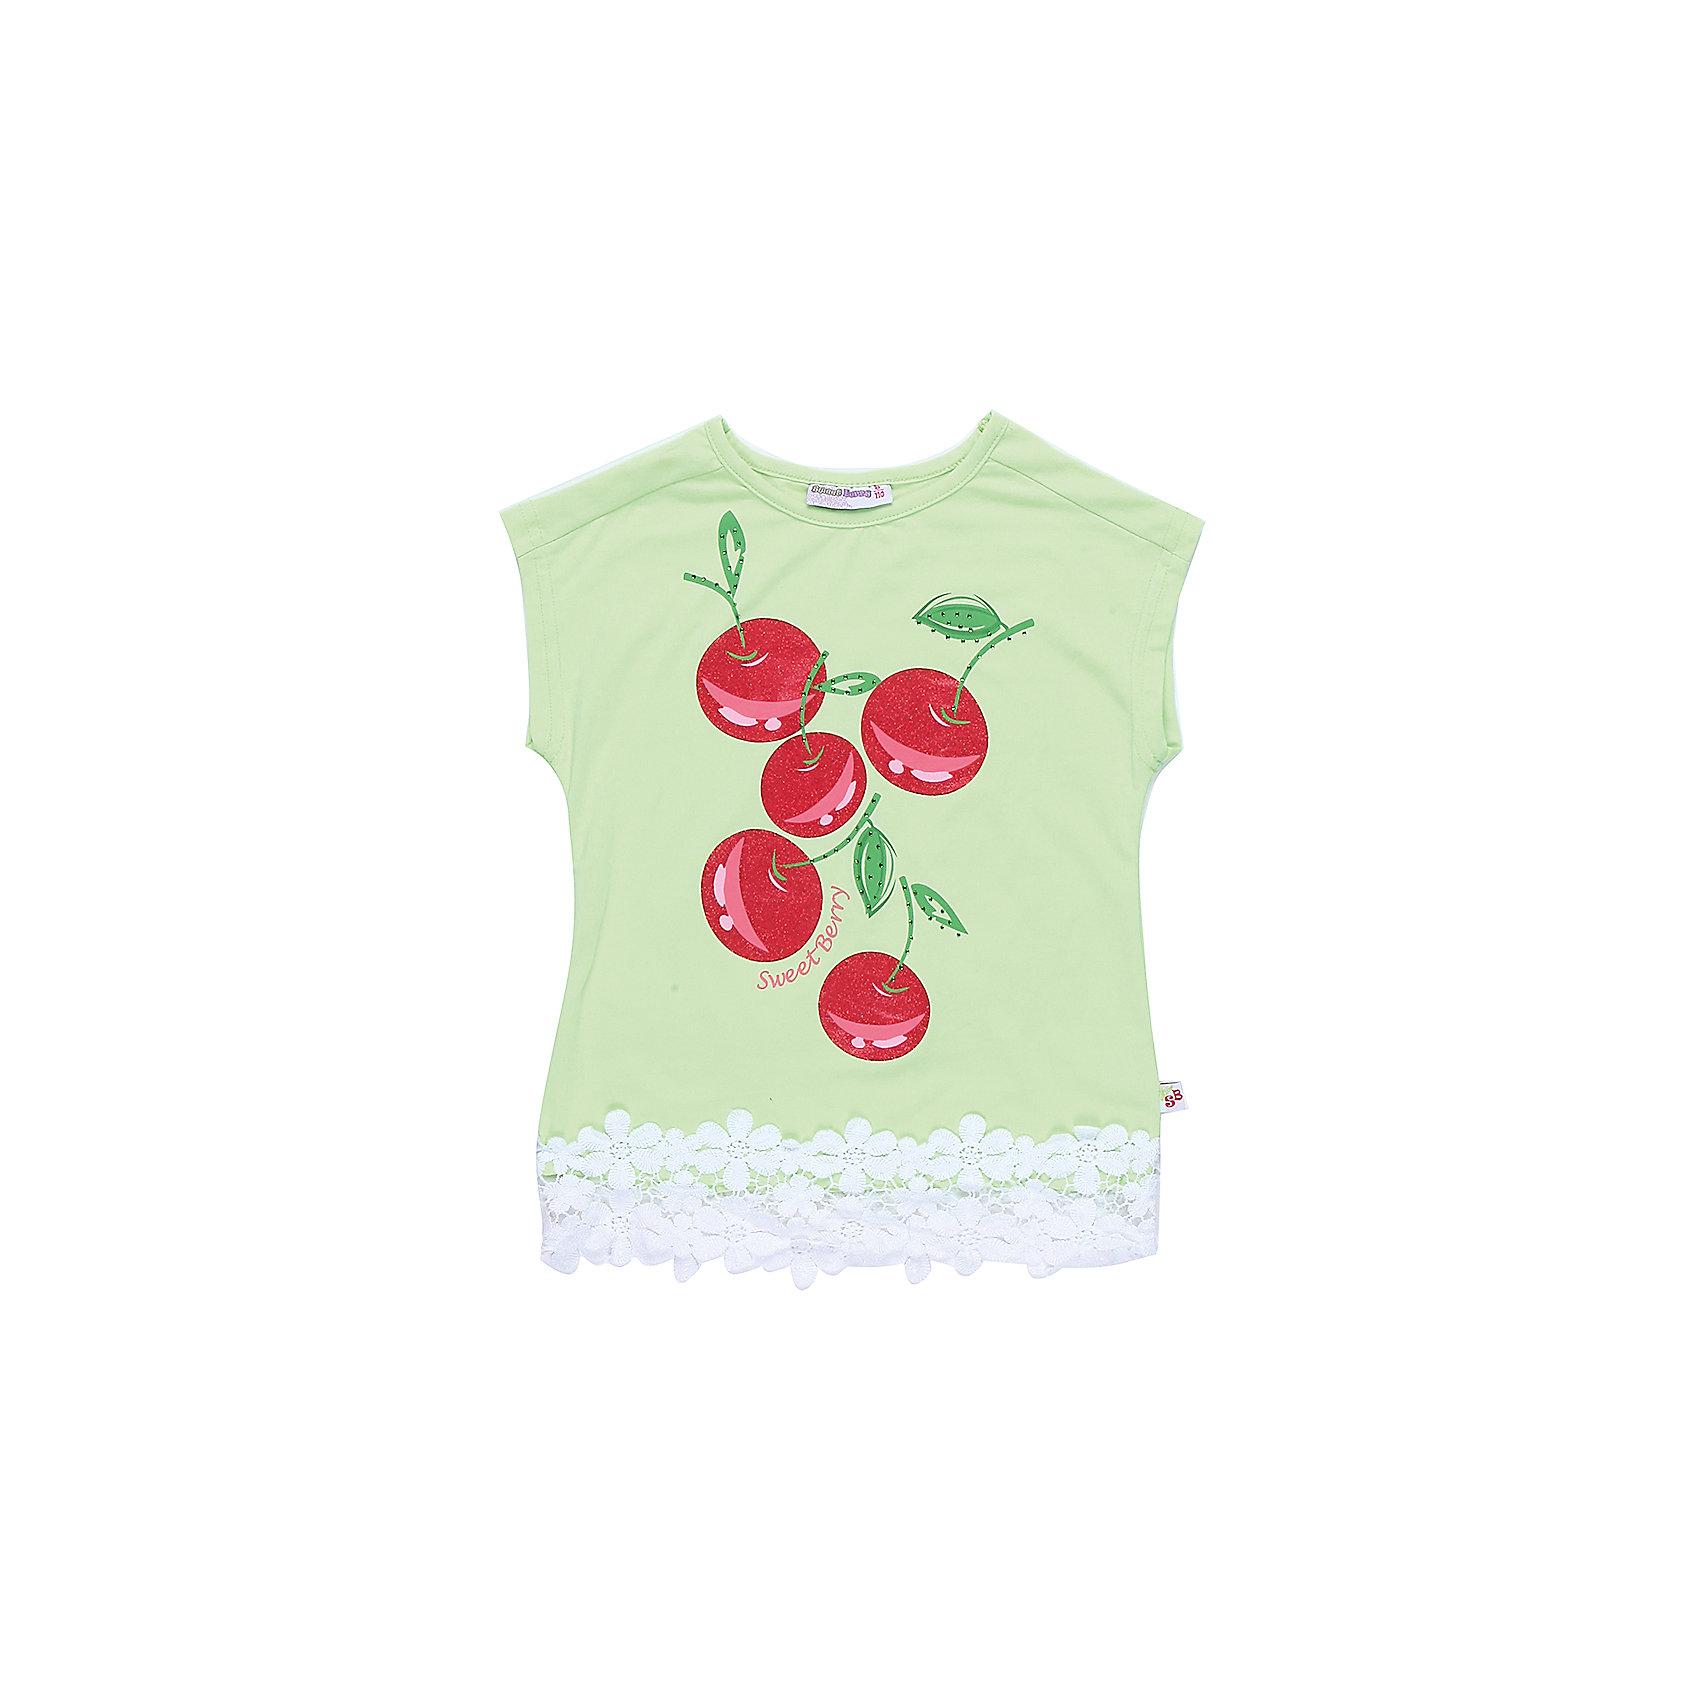 Футболка для девочки Sweet BerryФутболки, поло и топы<br>Стильная футболка из трикотажной, мягкой ткани для девочки с коротким рукавом. Декорирована оригинальным принтом и кружевом по низу изделия.<br>Состав:<br>95%хлопок 5%эластан<br><br>Ширина мм: 199<br>Глубина мм: 10<br>Высота мм: 161<br>Вес г: 151<br>Цвет: зеленый<br>Возраст от месяцев: 36<br>Возраст до месяцев: 48<br>Пол: Женский<br>Возраст: Детский<br>Размер: 104,98,110,116,122,128<br>SKU: 5409989